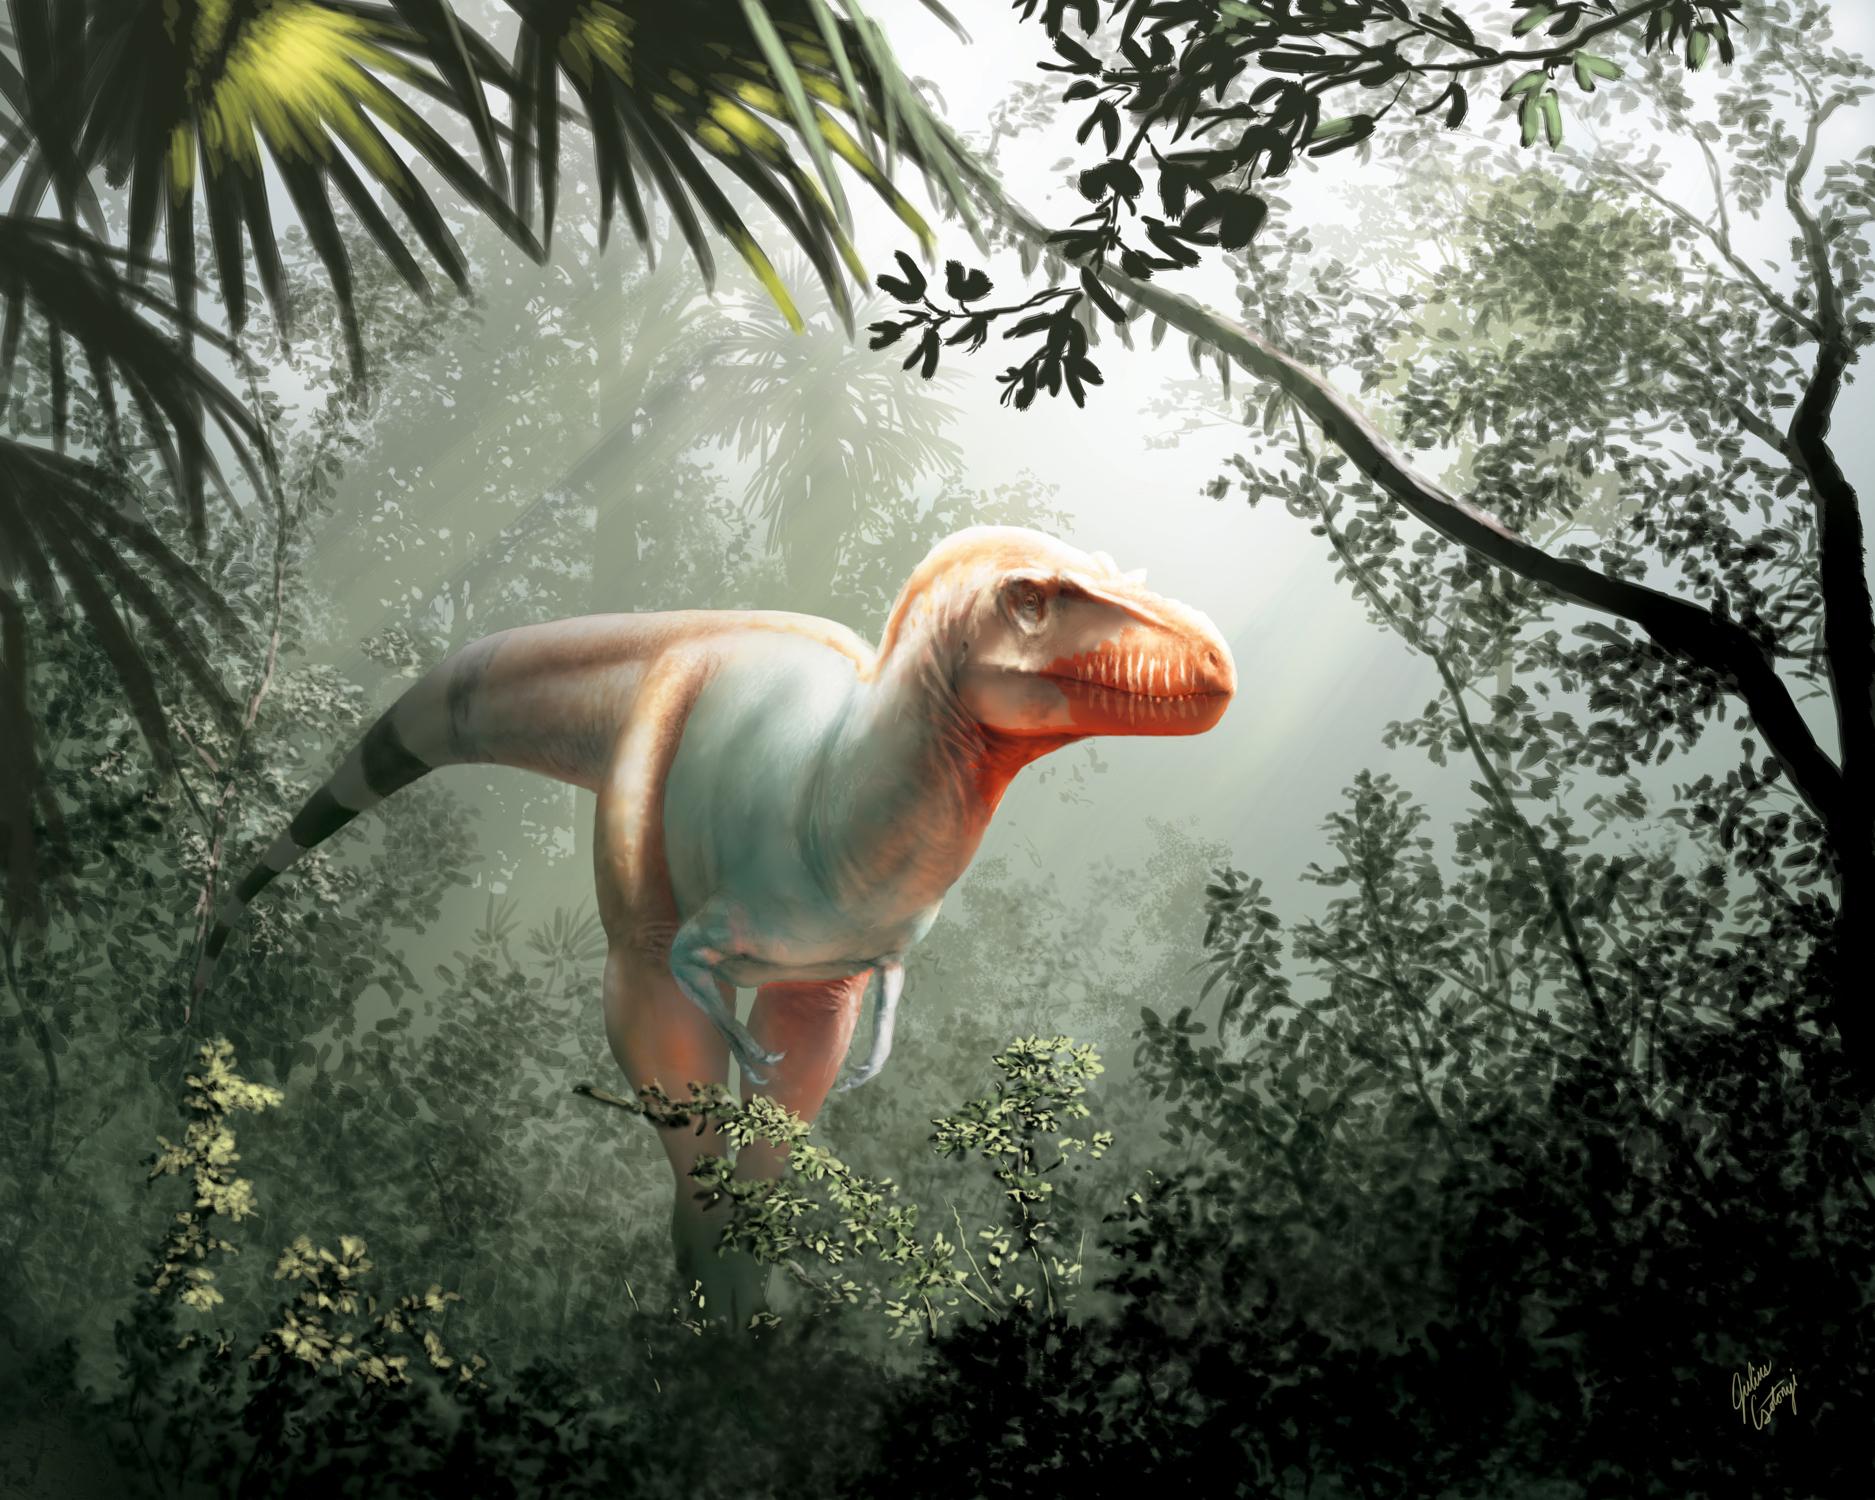 اكتشاف ابن عم للديناصورات تي ريكس - حيوانات تيرانوصور ريكس Tyrannosaurus rex التي اجتاحت سهل أمريكا الشمالية - الديناصورات